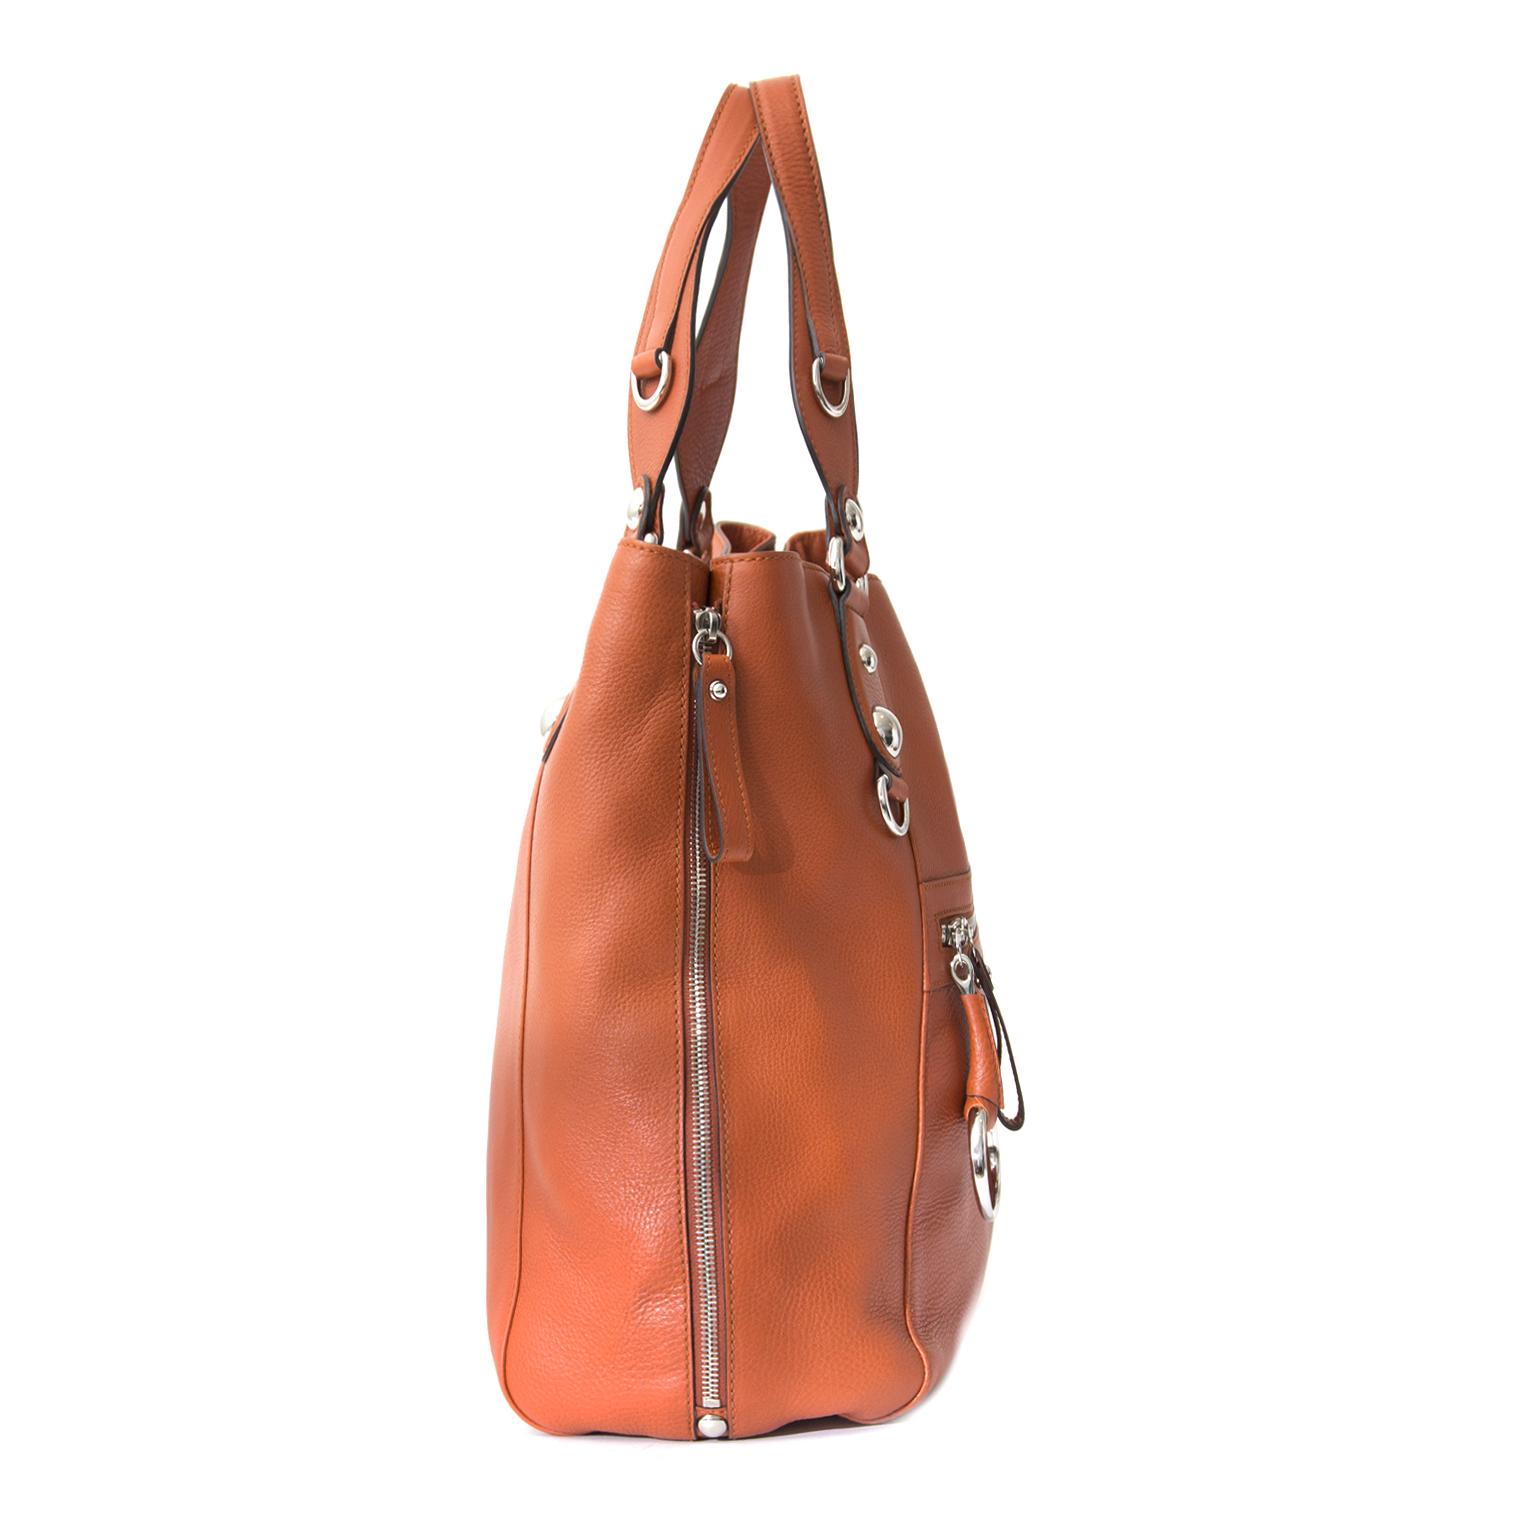 designer luxury Gucci Orange Shopper  best price online webshop labellov.com  aan de beste prijs webshop labellov.com